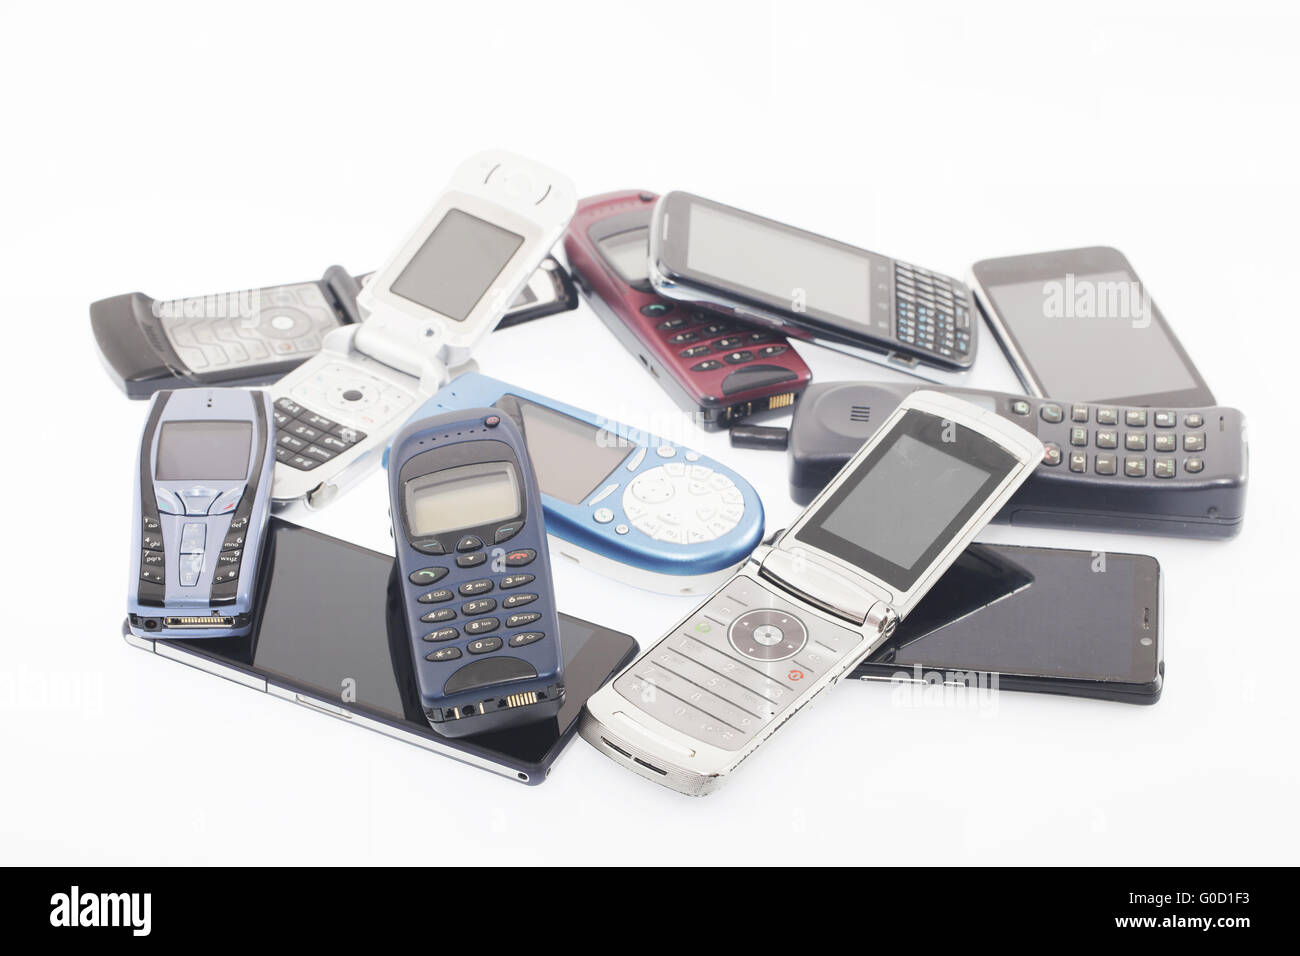 Vecchi e nuovi telefoni cellulari, smartphone Immagini Stock